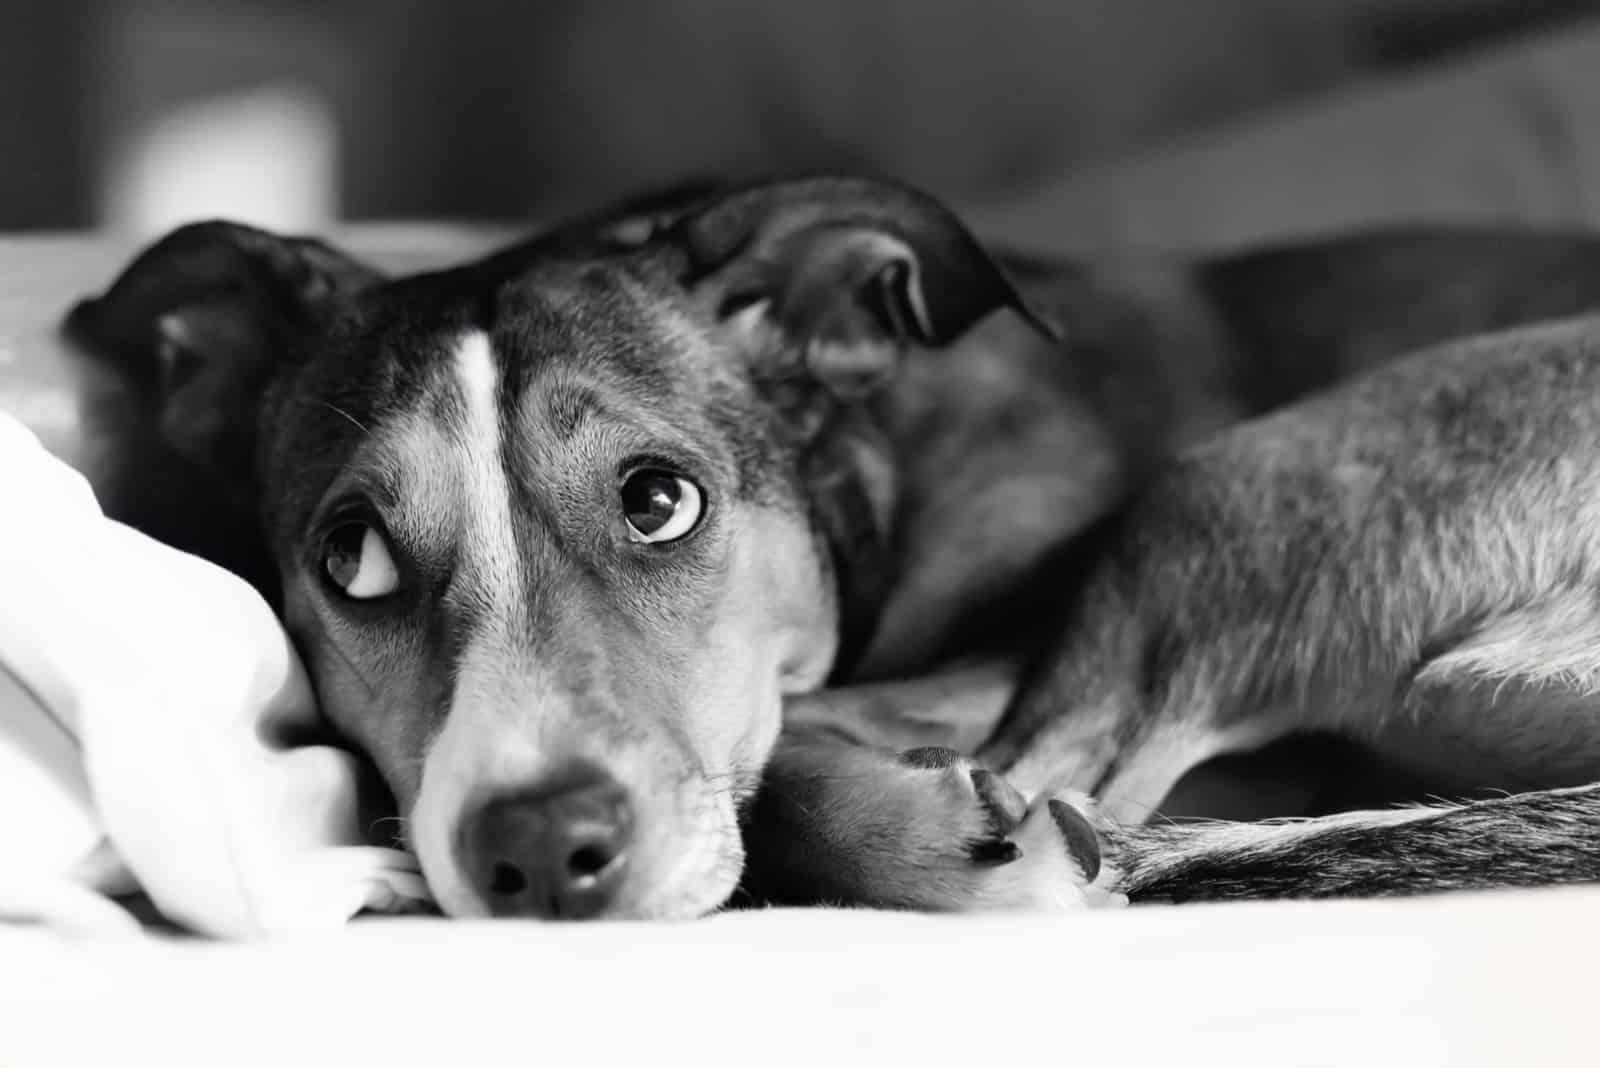 ängstlicher Hund, der alleine liegt